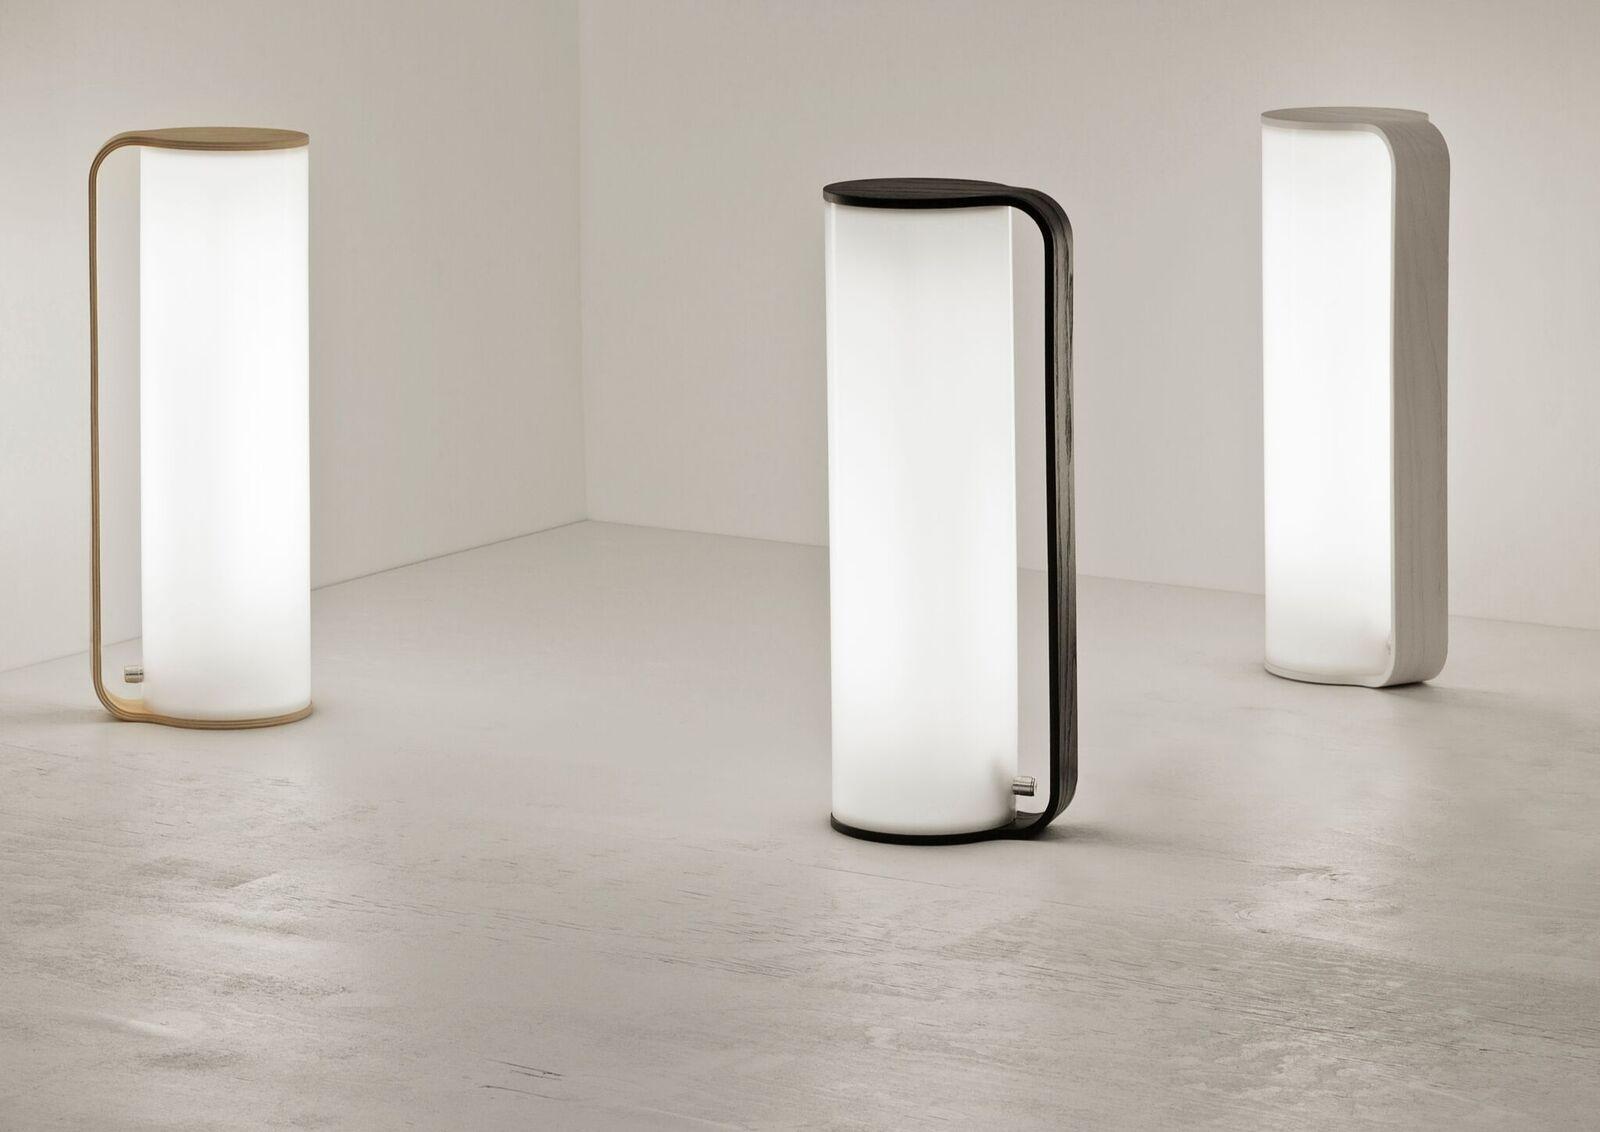 Dag Licht Lamp : Tubo daglichtlamp design jarkko oja voor innolux smukdesign